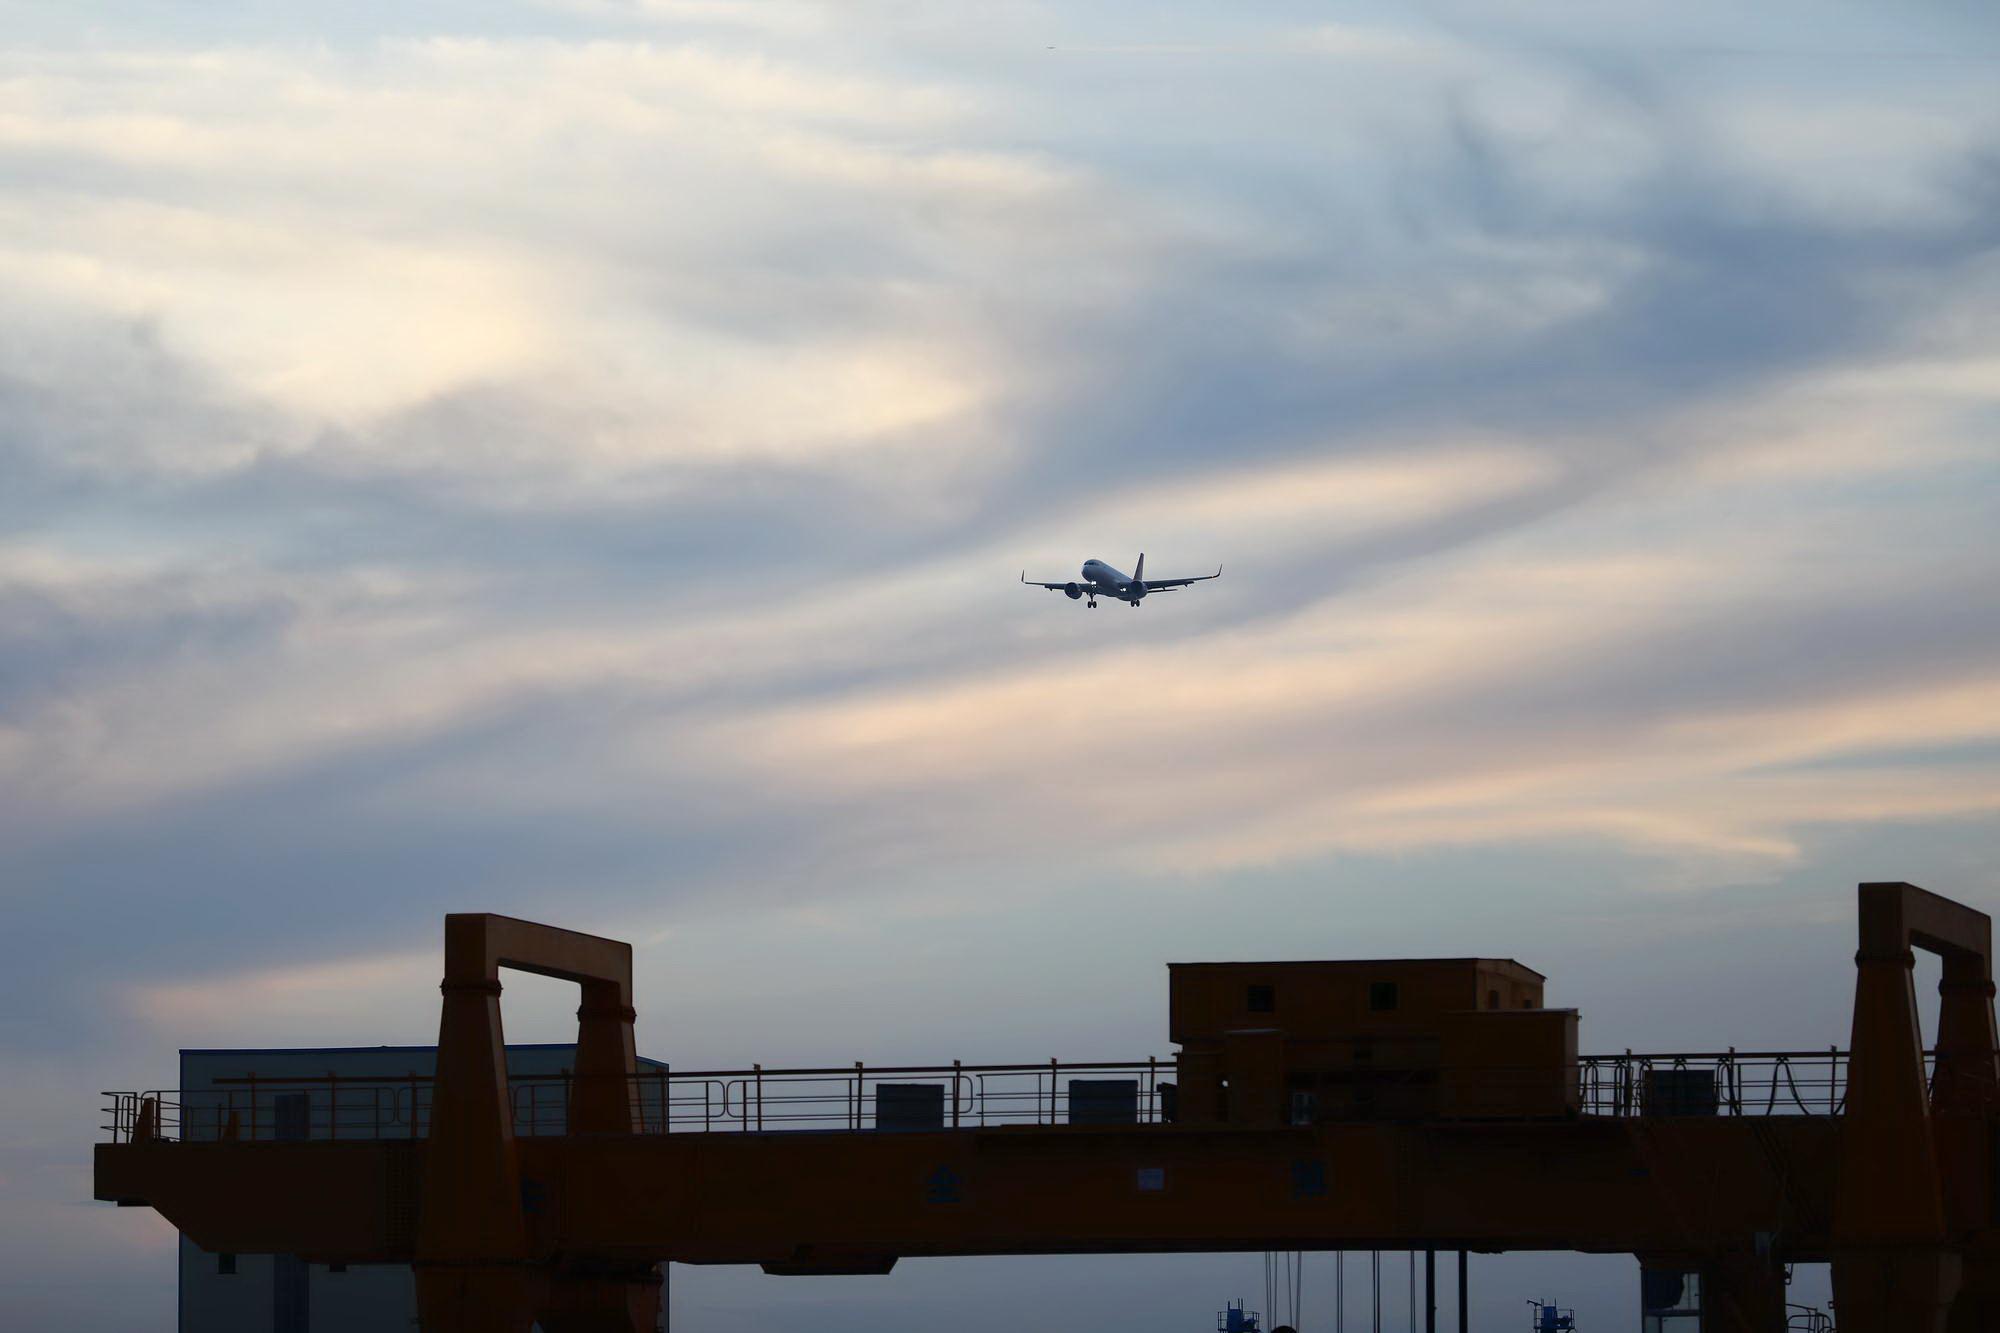 西北货运航空即将开航 圆通持股20%